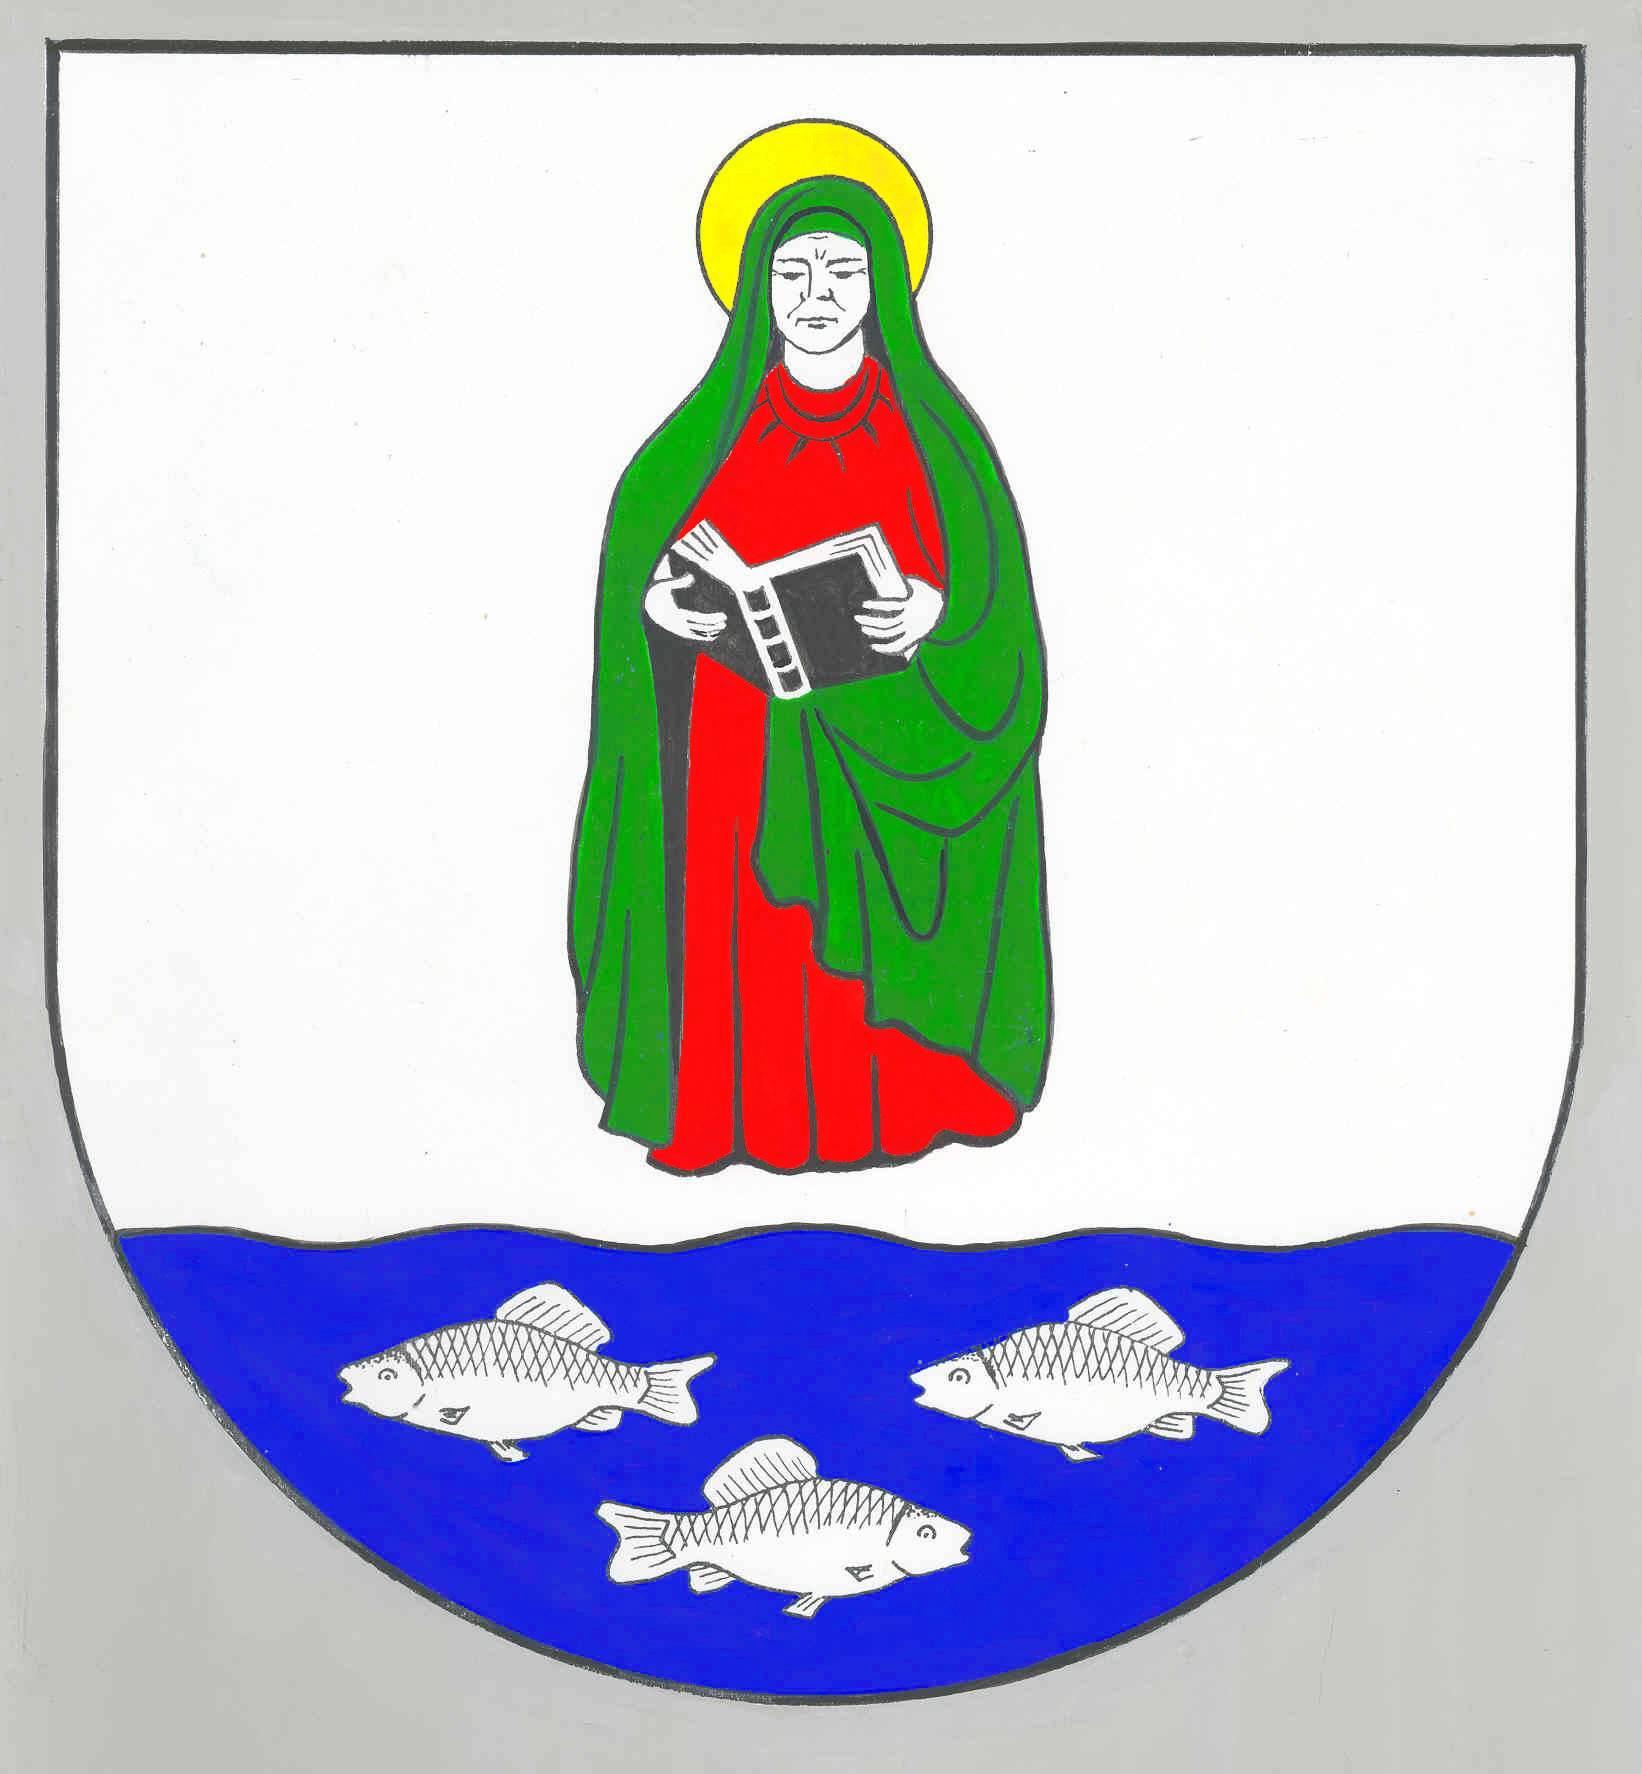 Wappen GemeindeSankt Annen, Kreis Dithmarschen